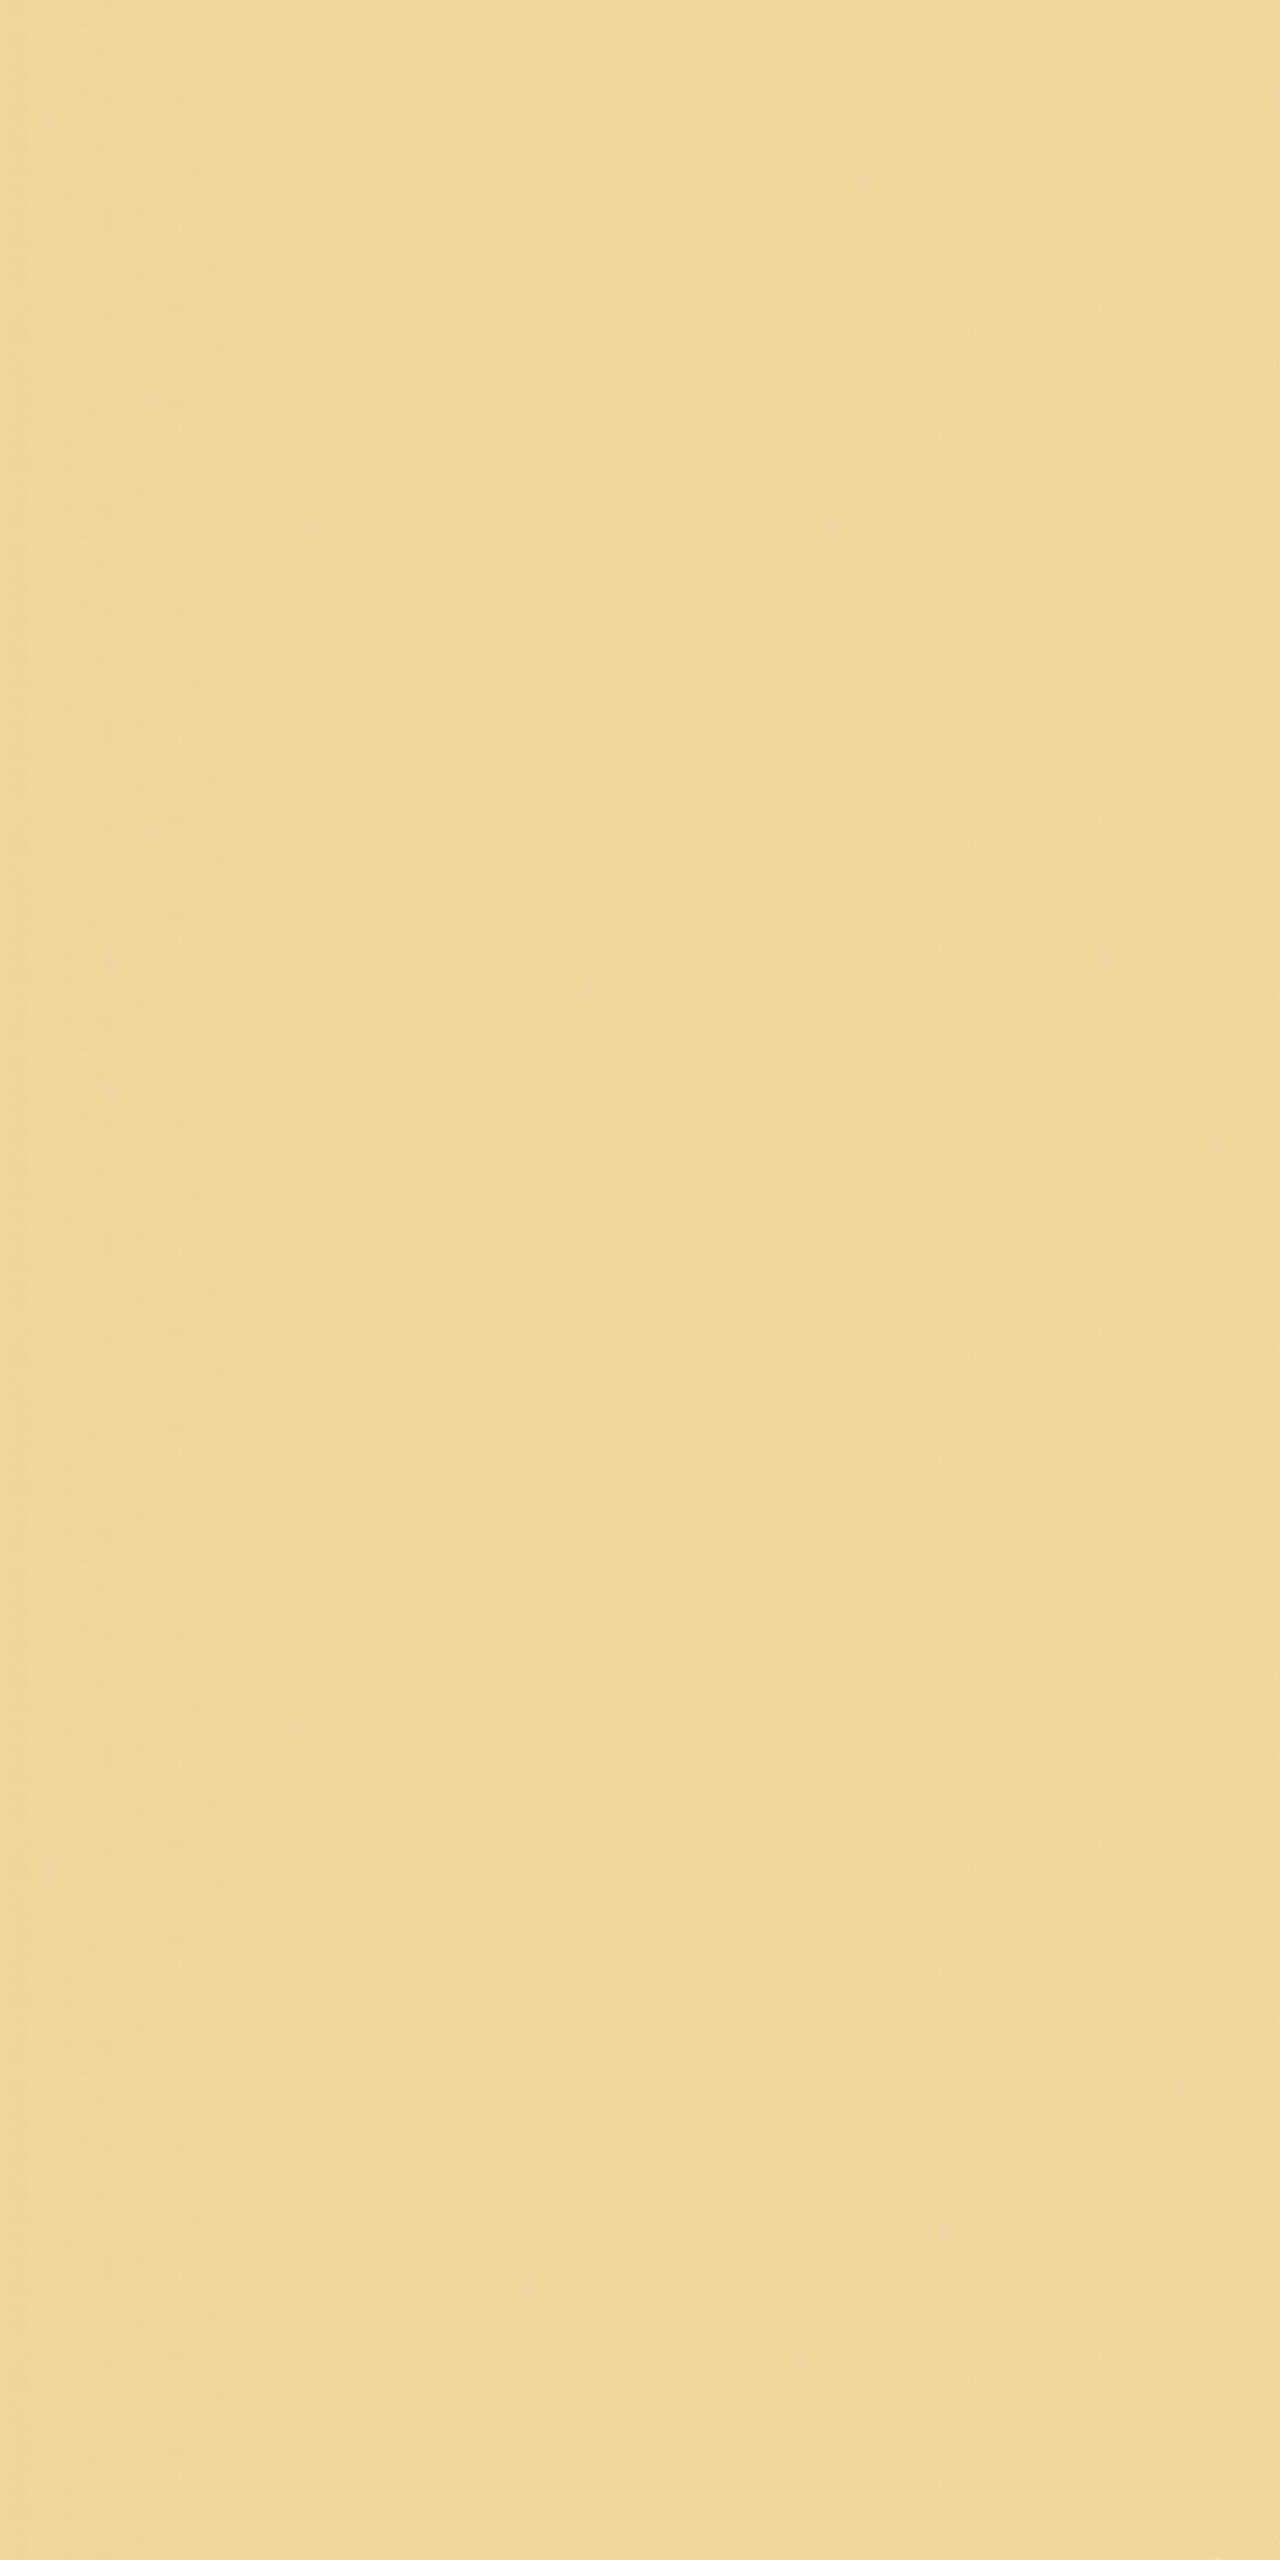 Crayons of Cerim Buttercream Matte 6mm 120 x 240